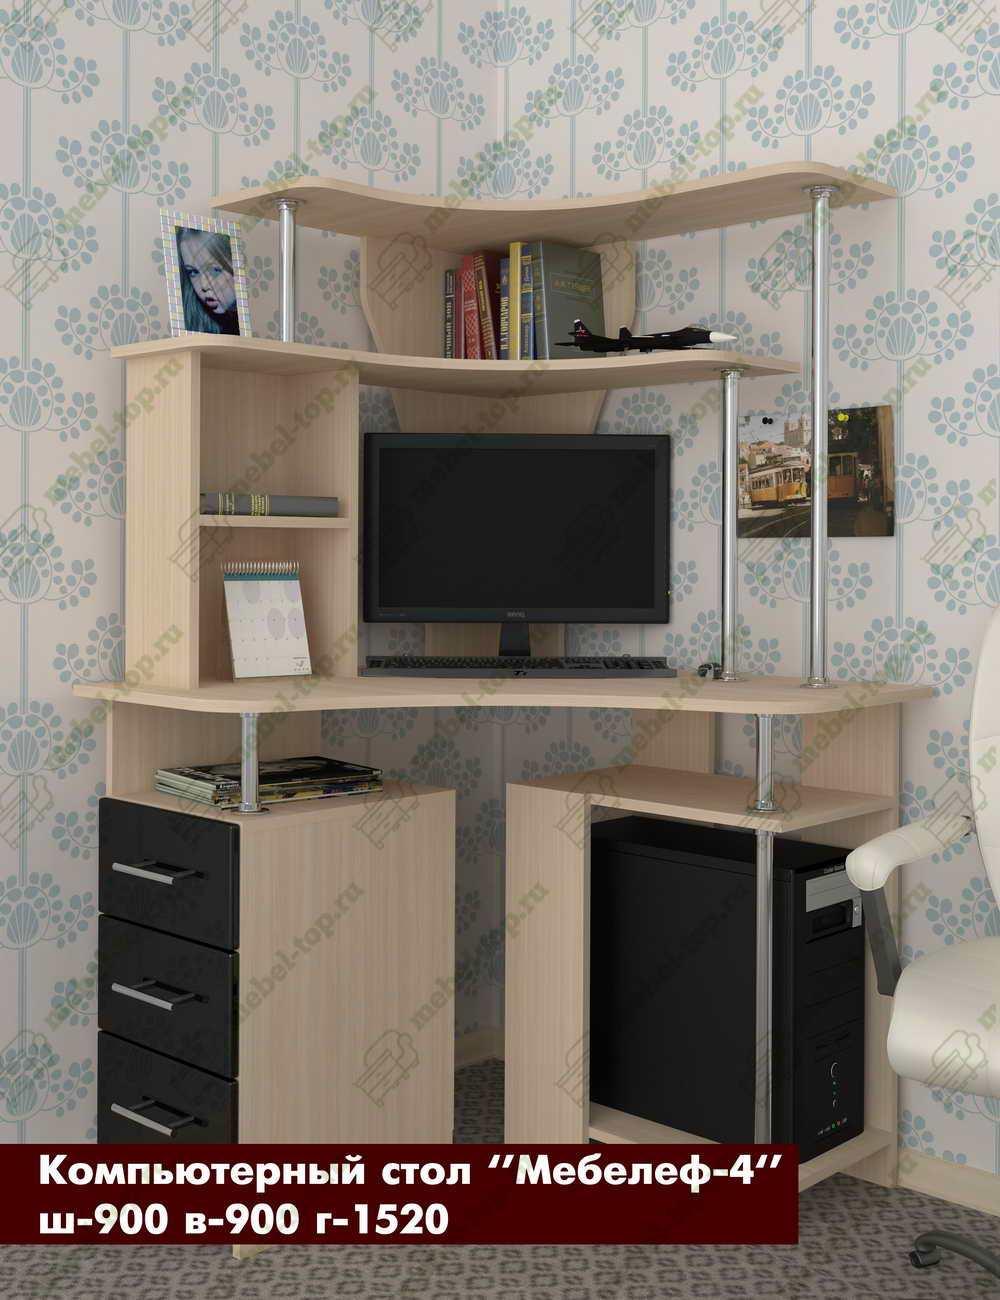 Компьютерный стол Мебелеф-4 стол ново 4